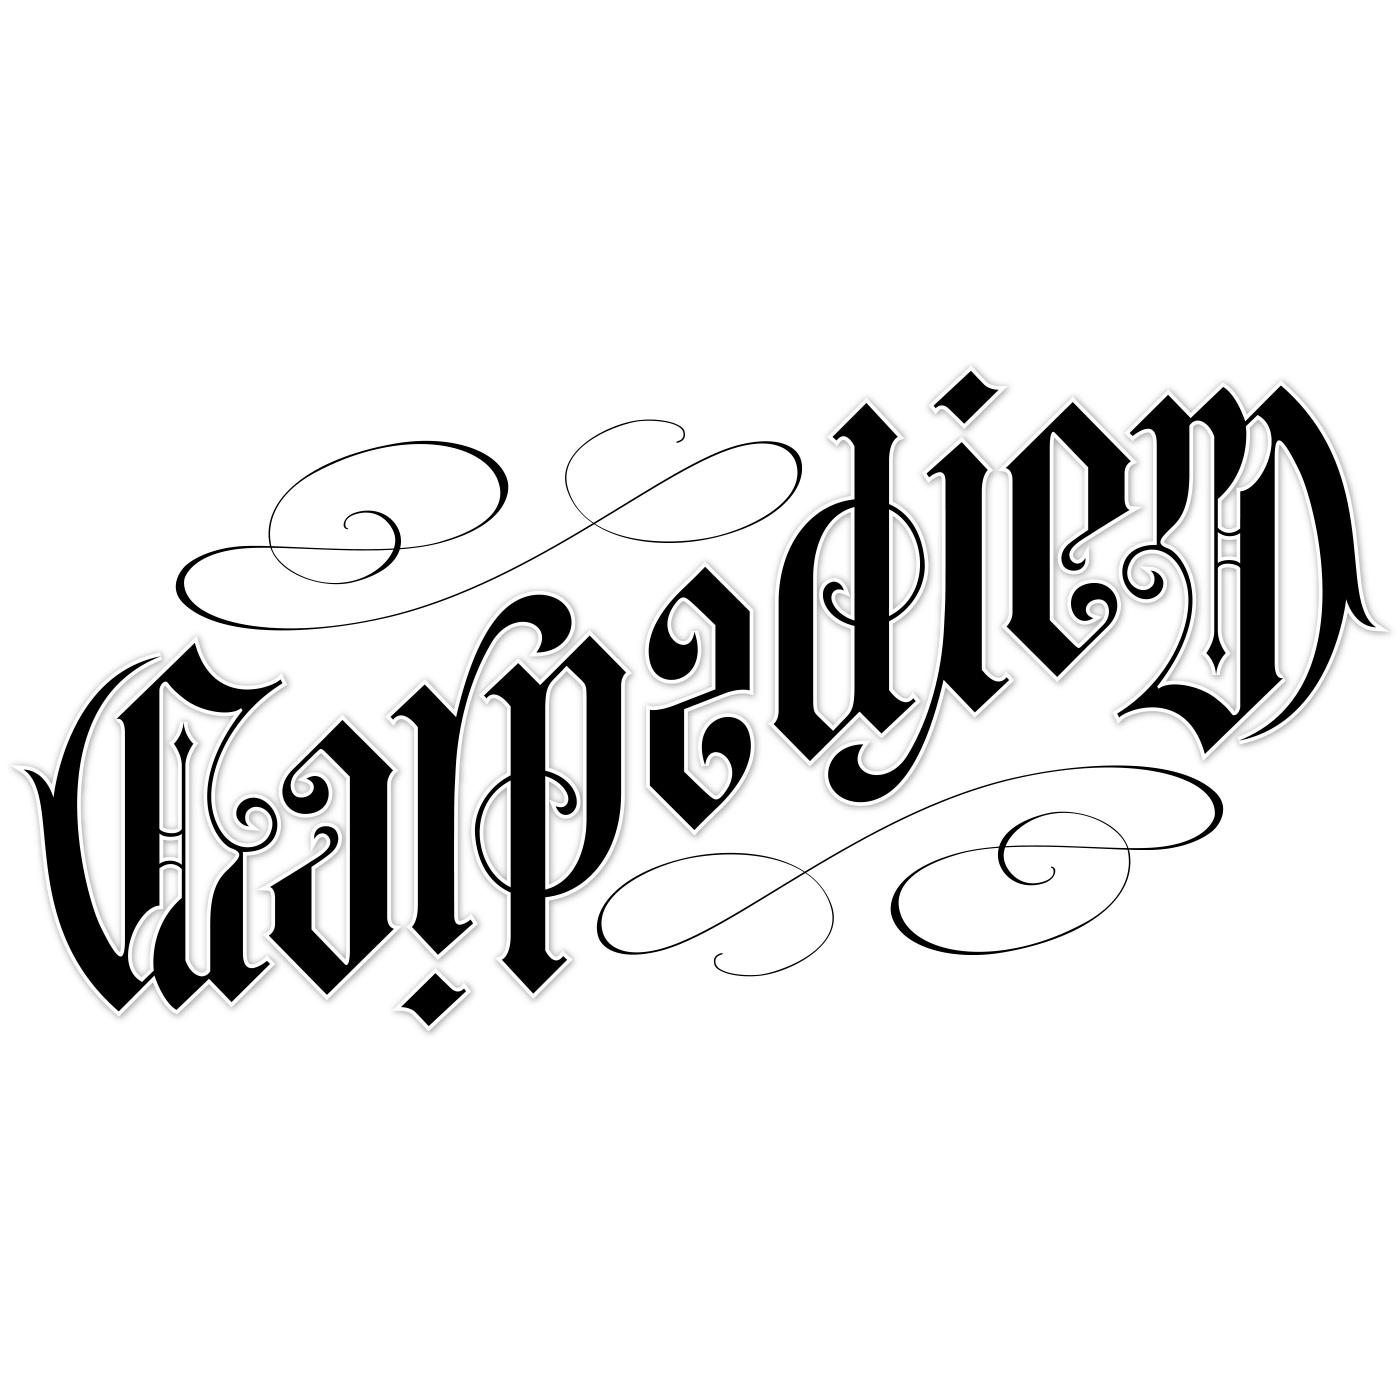 Image Carpe carpe diem | john langdon